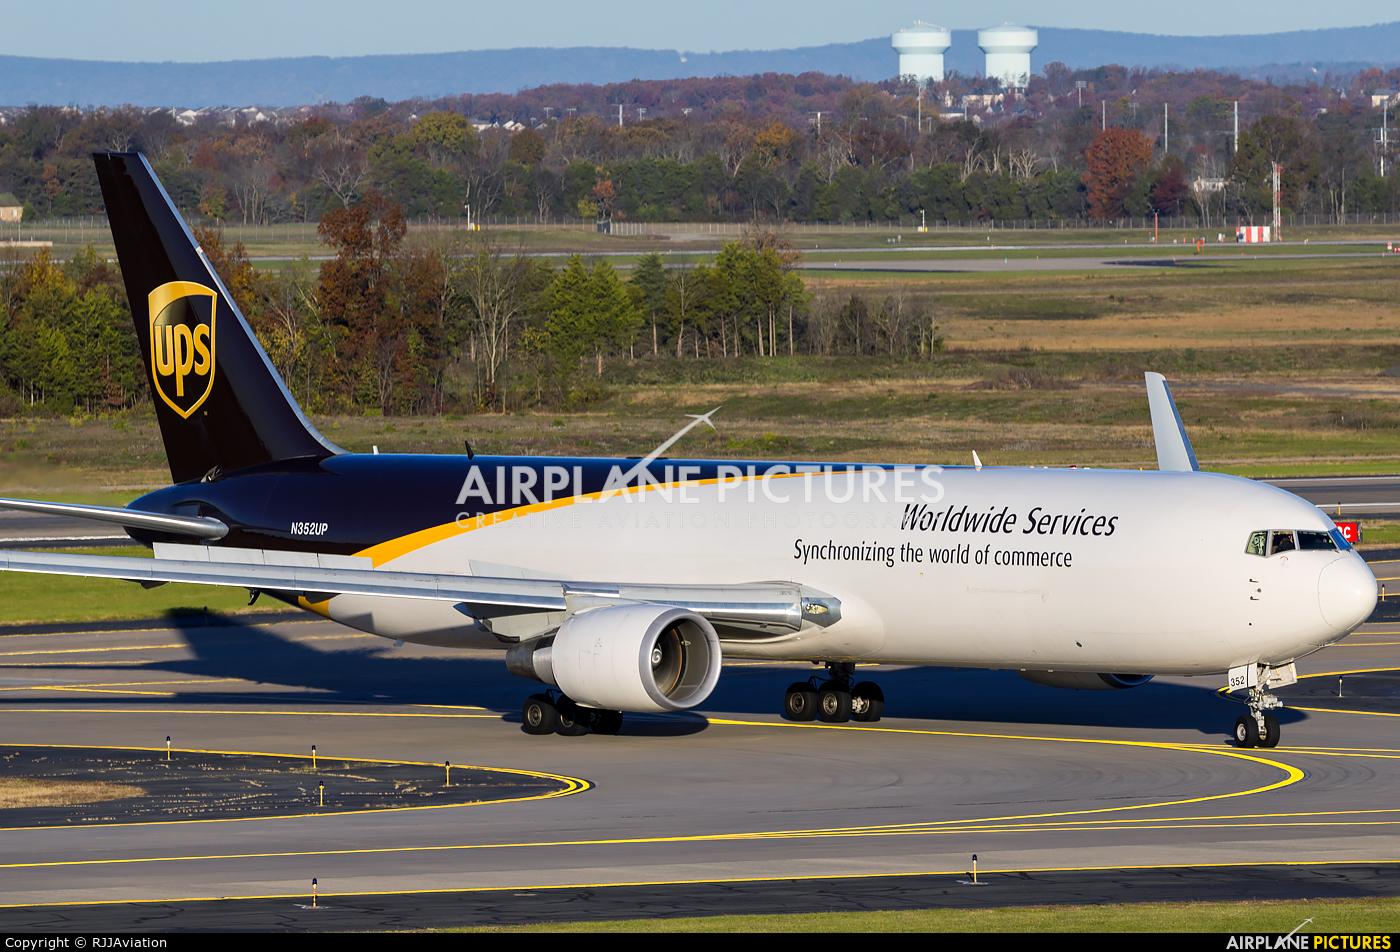 UPS - United Parcel Service N352UP aircraft at Washington - Dulles Intl